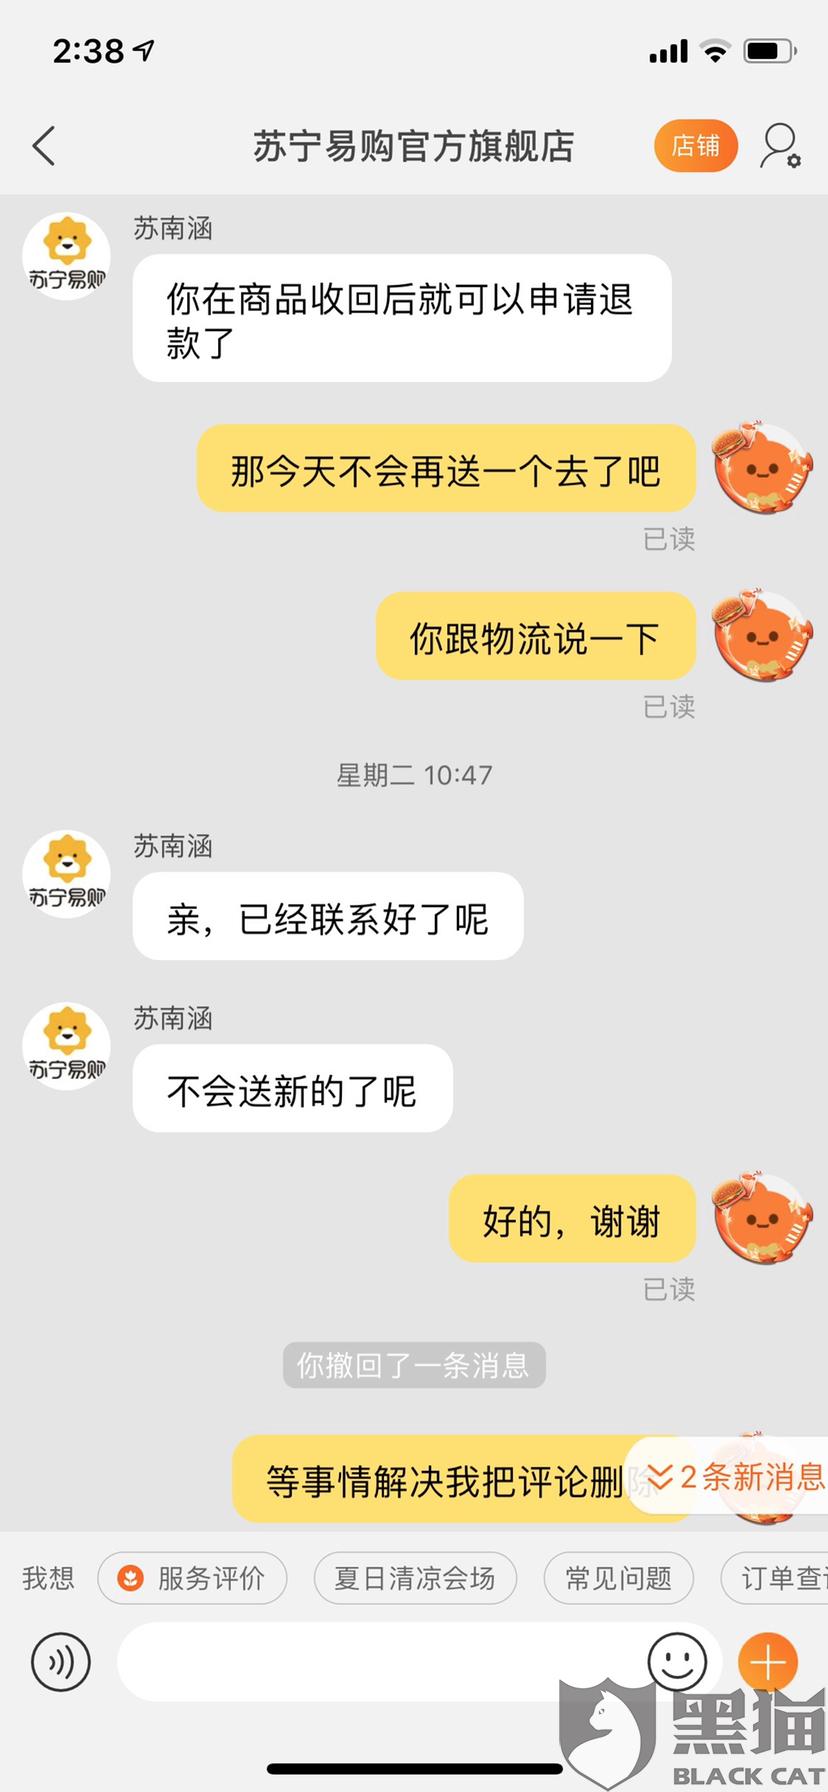 黑猫投诉:苏宁易购官方旗舰店